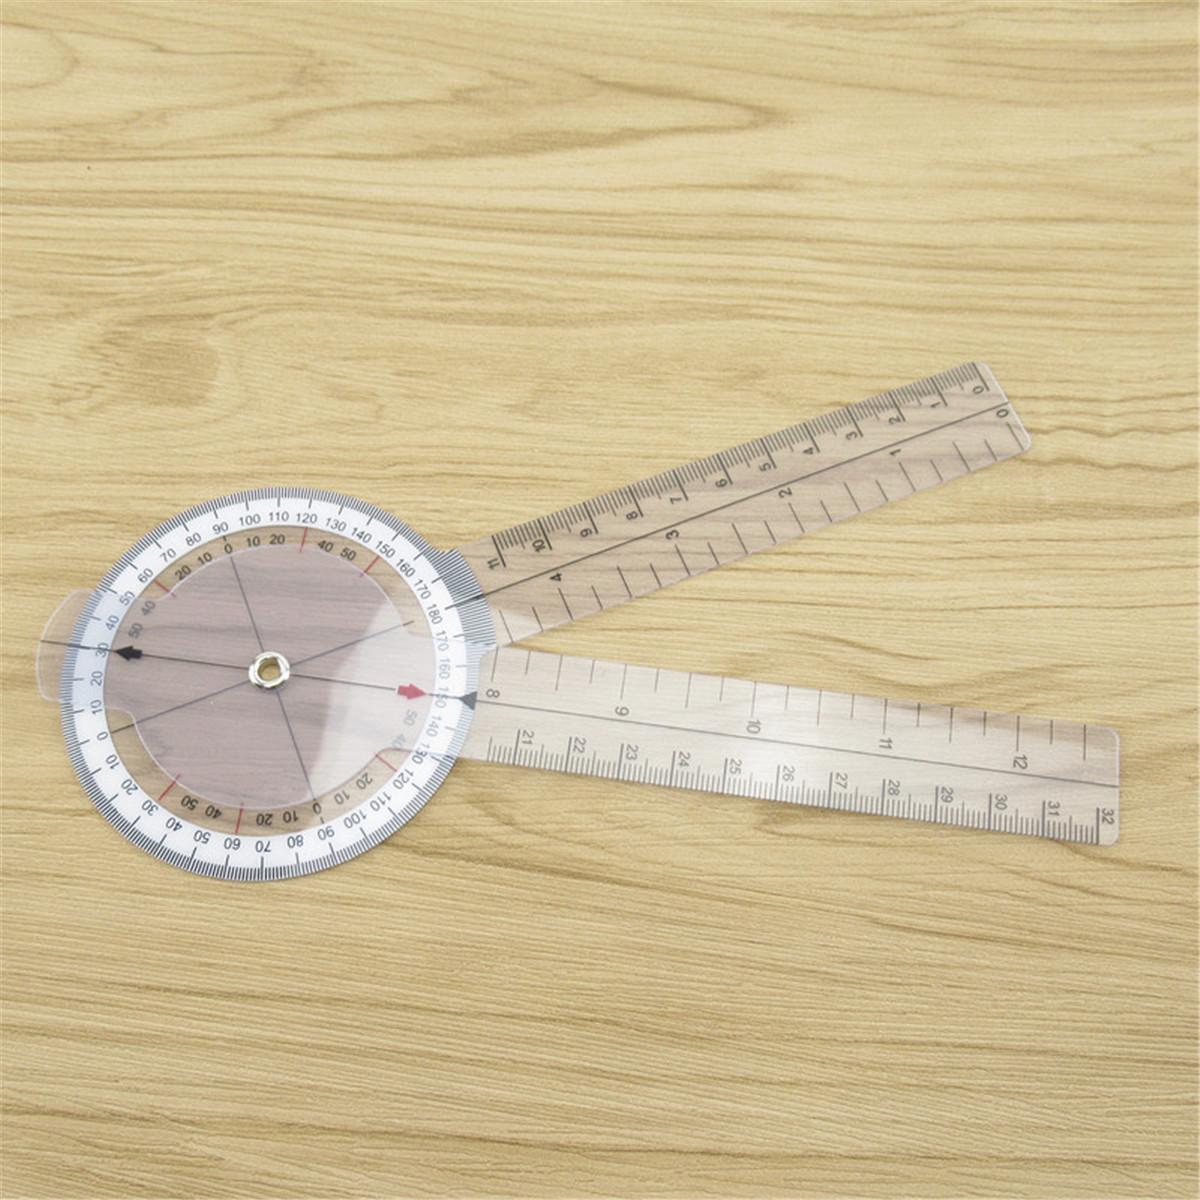 Outil de mesure /à 360 degr/és Goniom/ètre rond /à 8 joints